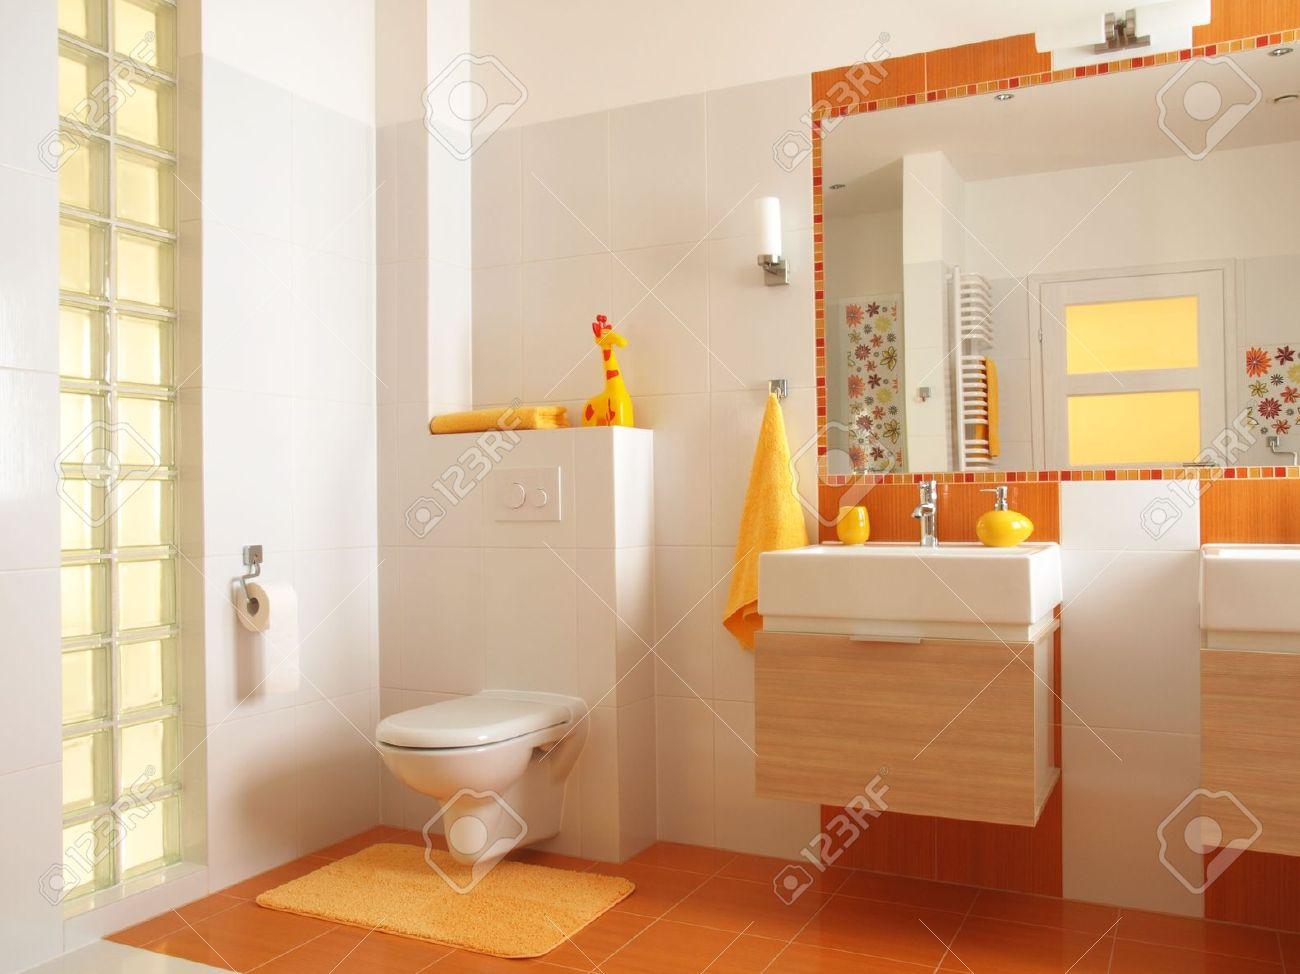 Fleur Pour Salle De Bain ~ salle de bain pour les enfants bienvenus avec des carreaux oranges